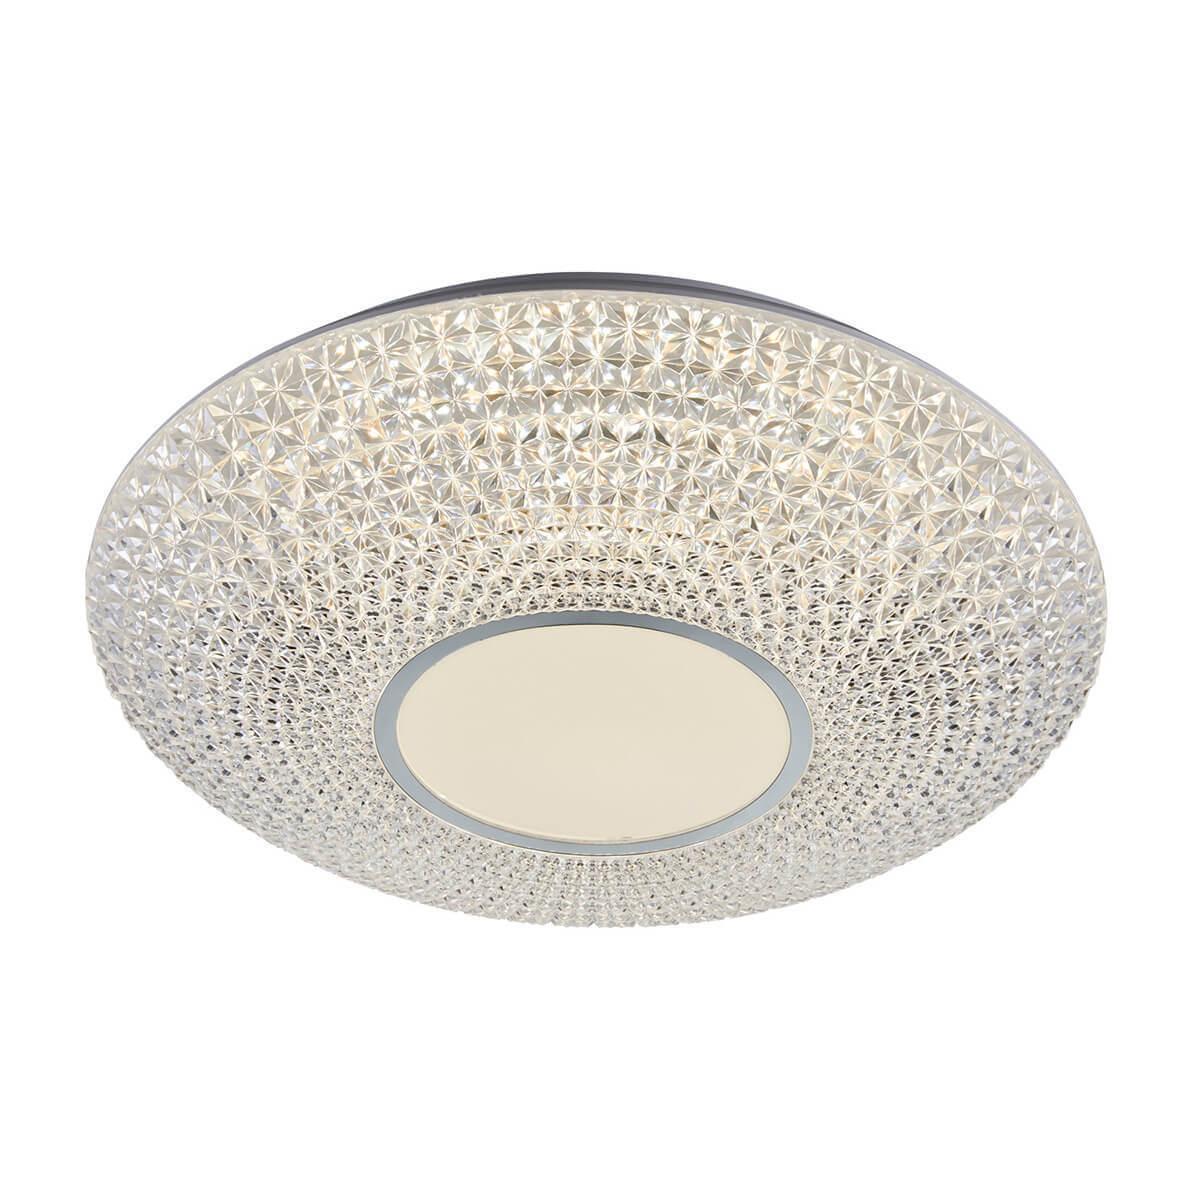 Потолочный светильник Omnilux OML-47807-60, LED, 60 Вт